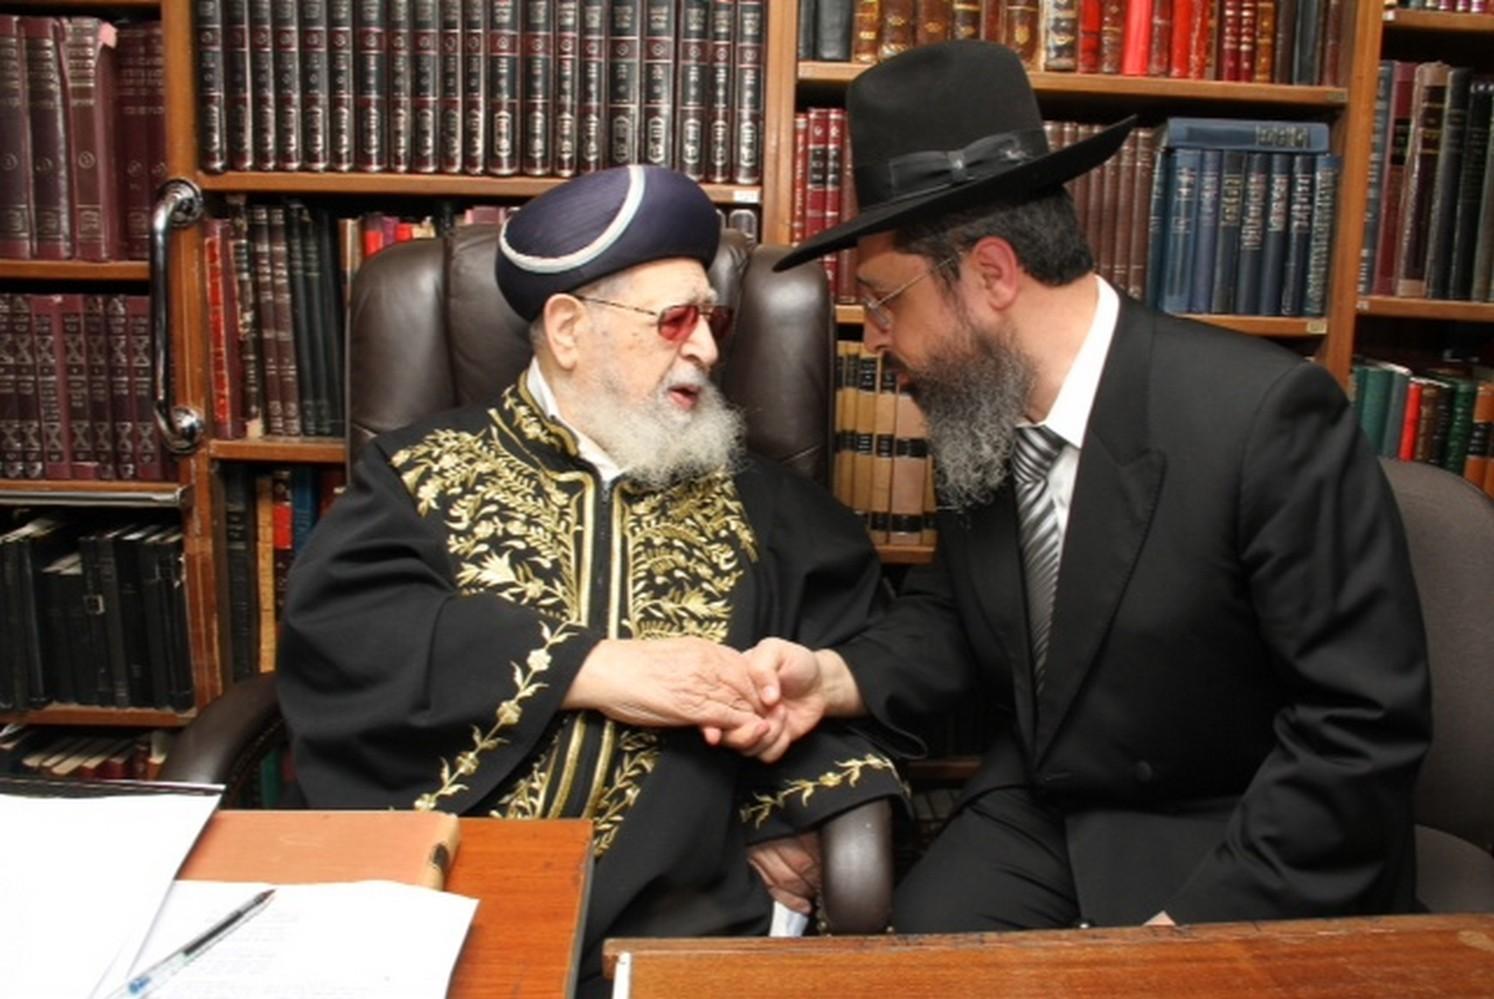 מרטיט: הרבנית יהודית יוסף נפרדת מ'הקבלן 45'